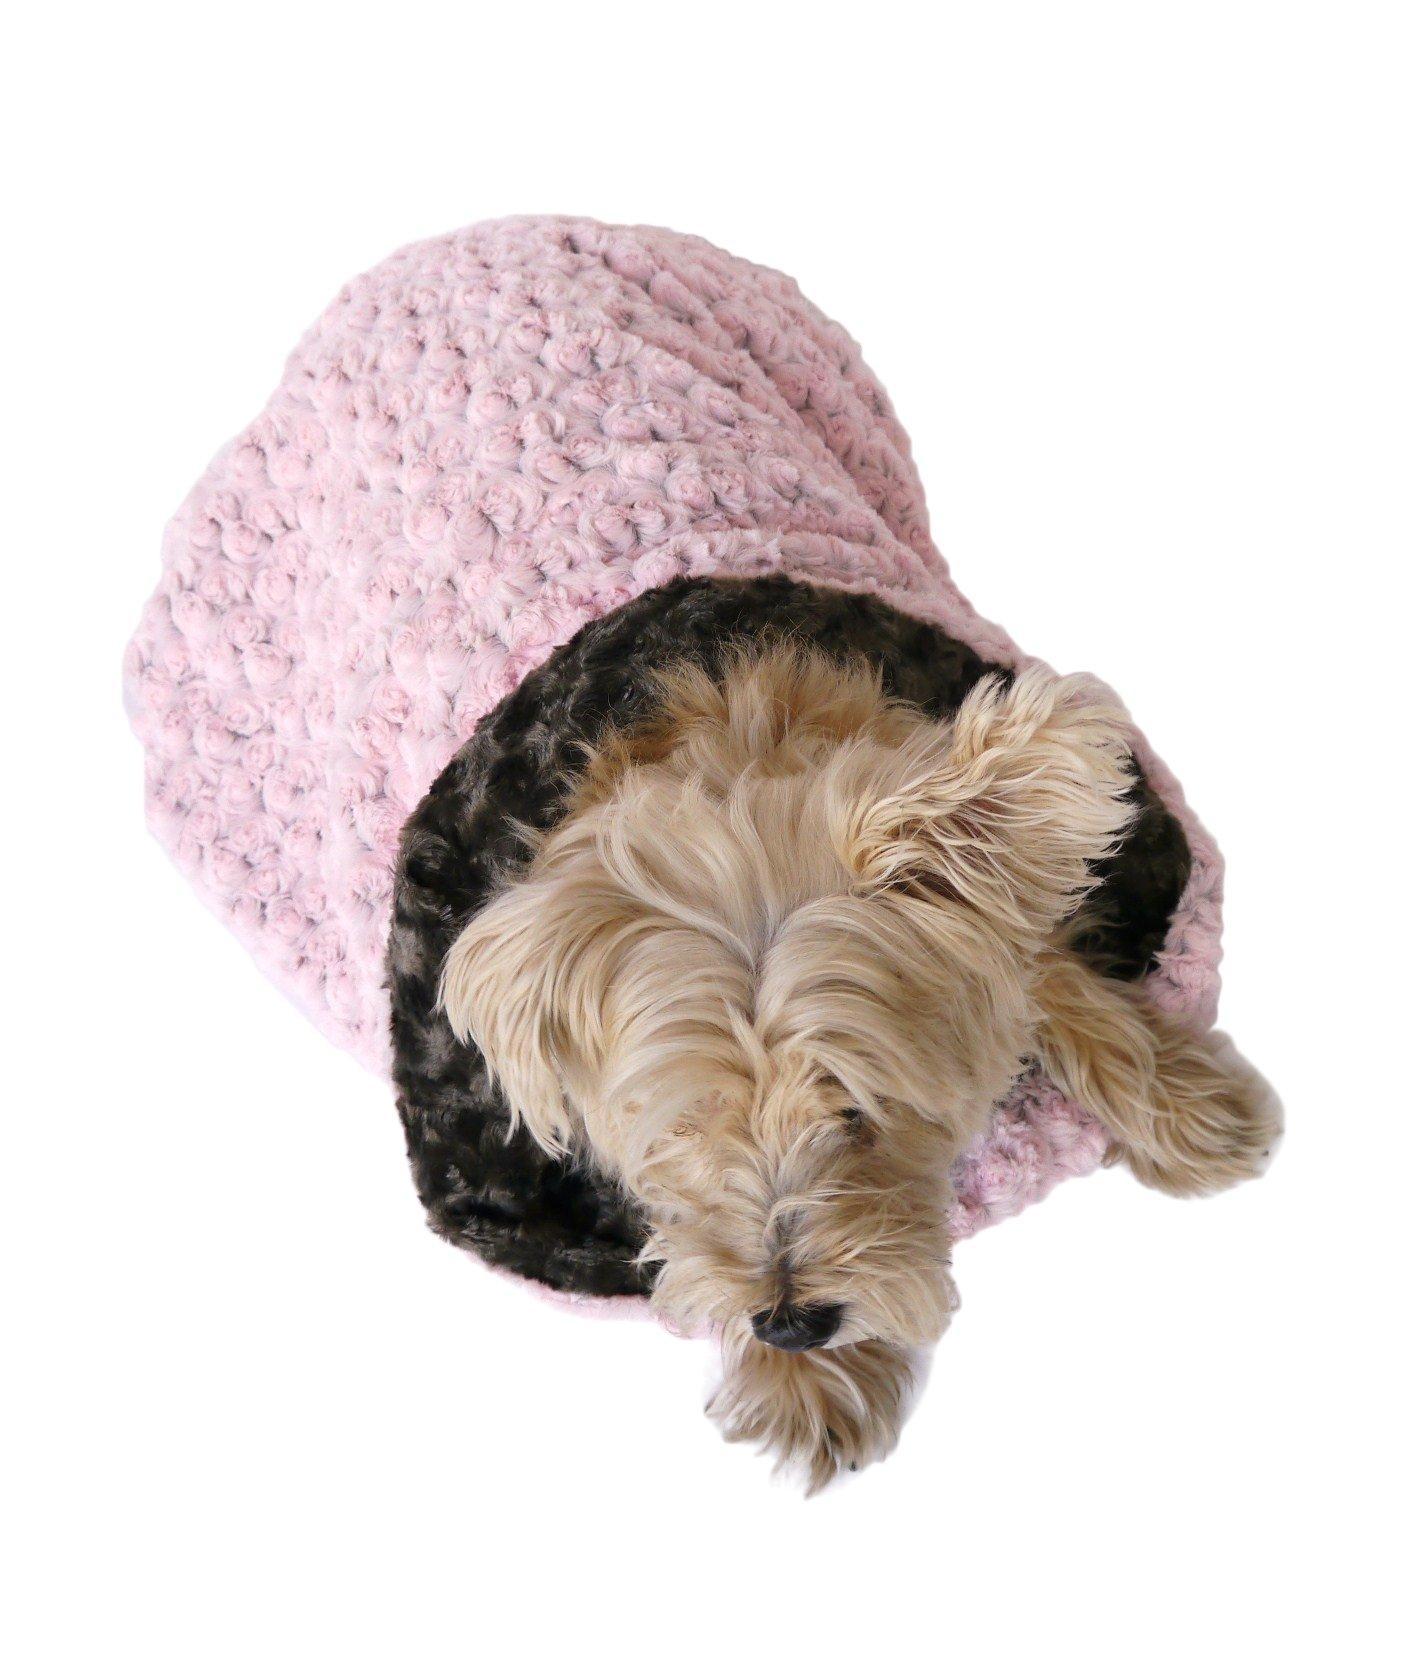 Cozy Sak Plush, Pink/Grey Two Toned Rosebud by The Dog Squad